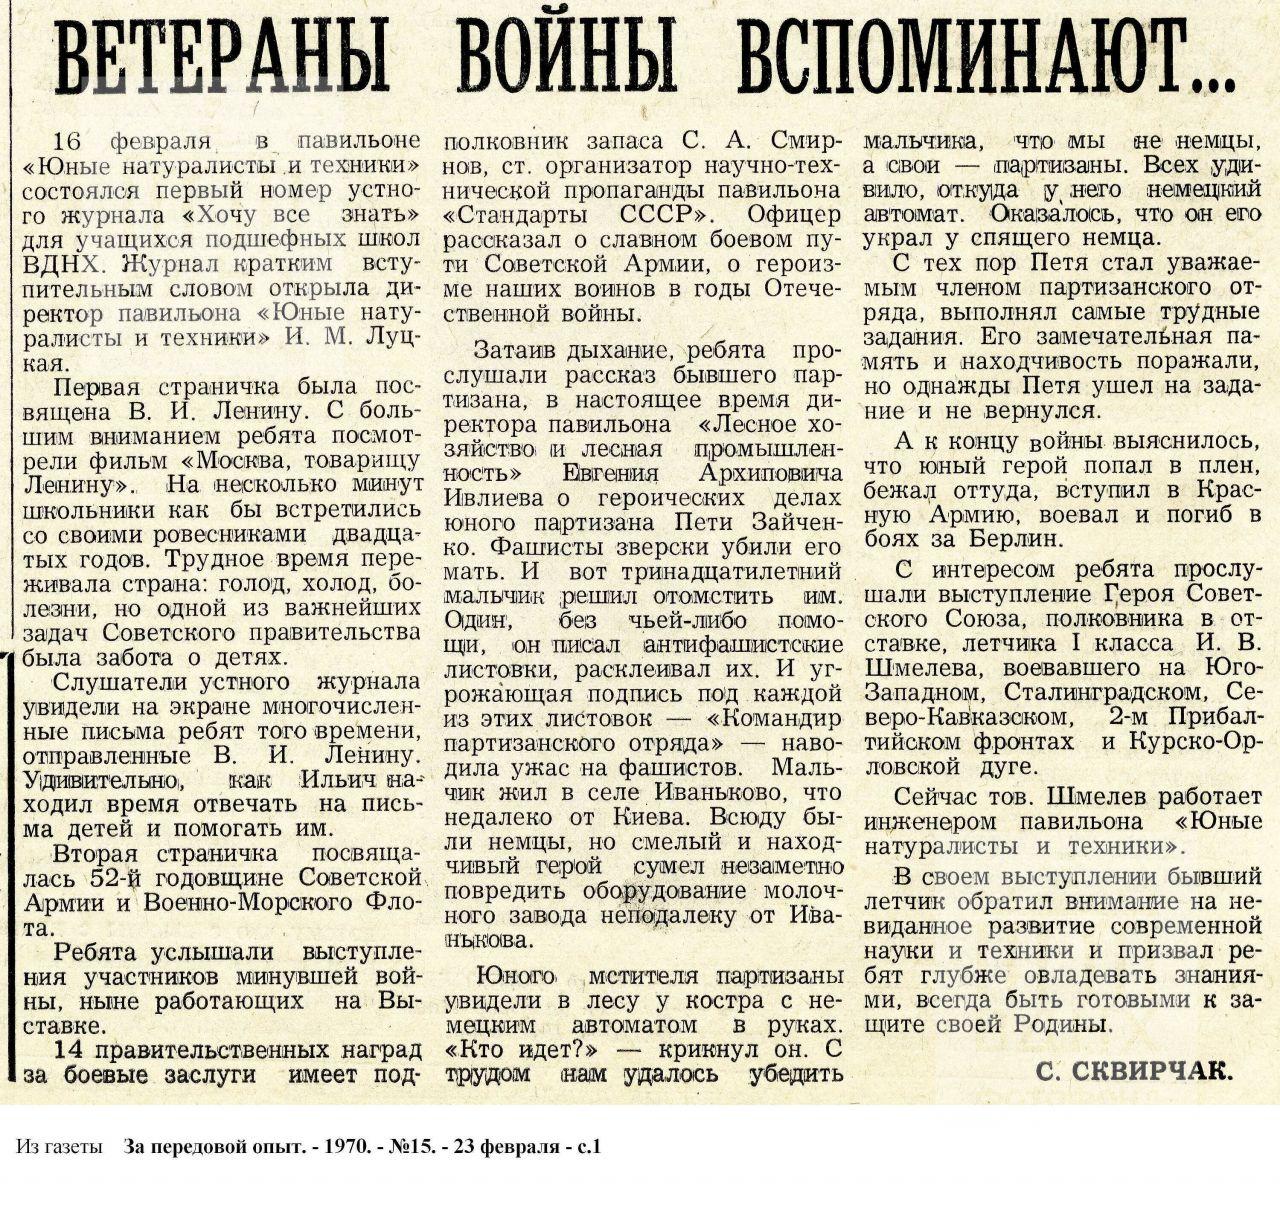 """""""Ветераны войны вспоминают"""". 1970, №15"""